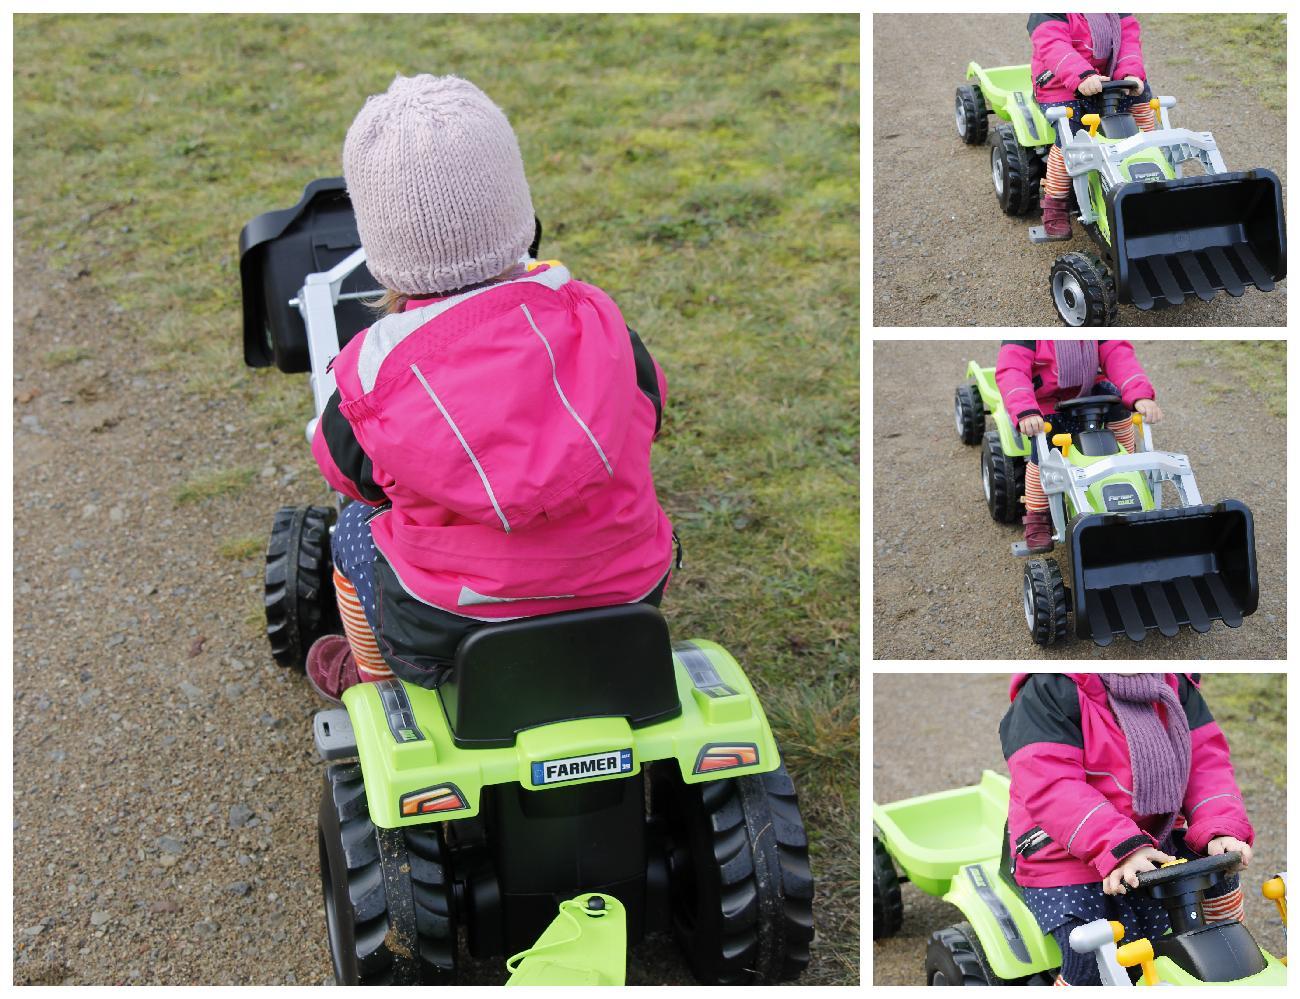 Traktor für Kinder